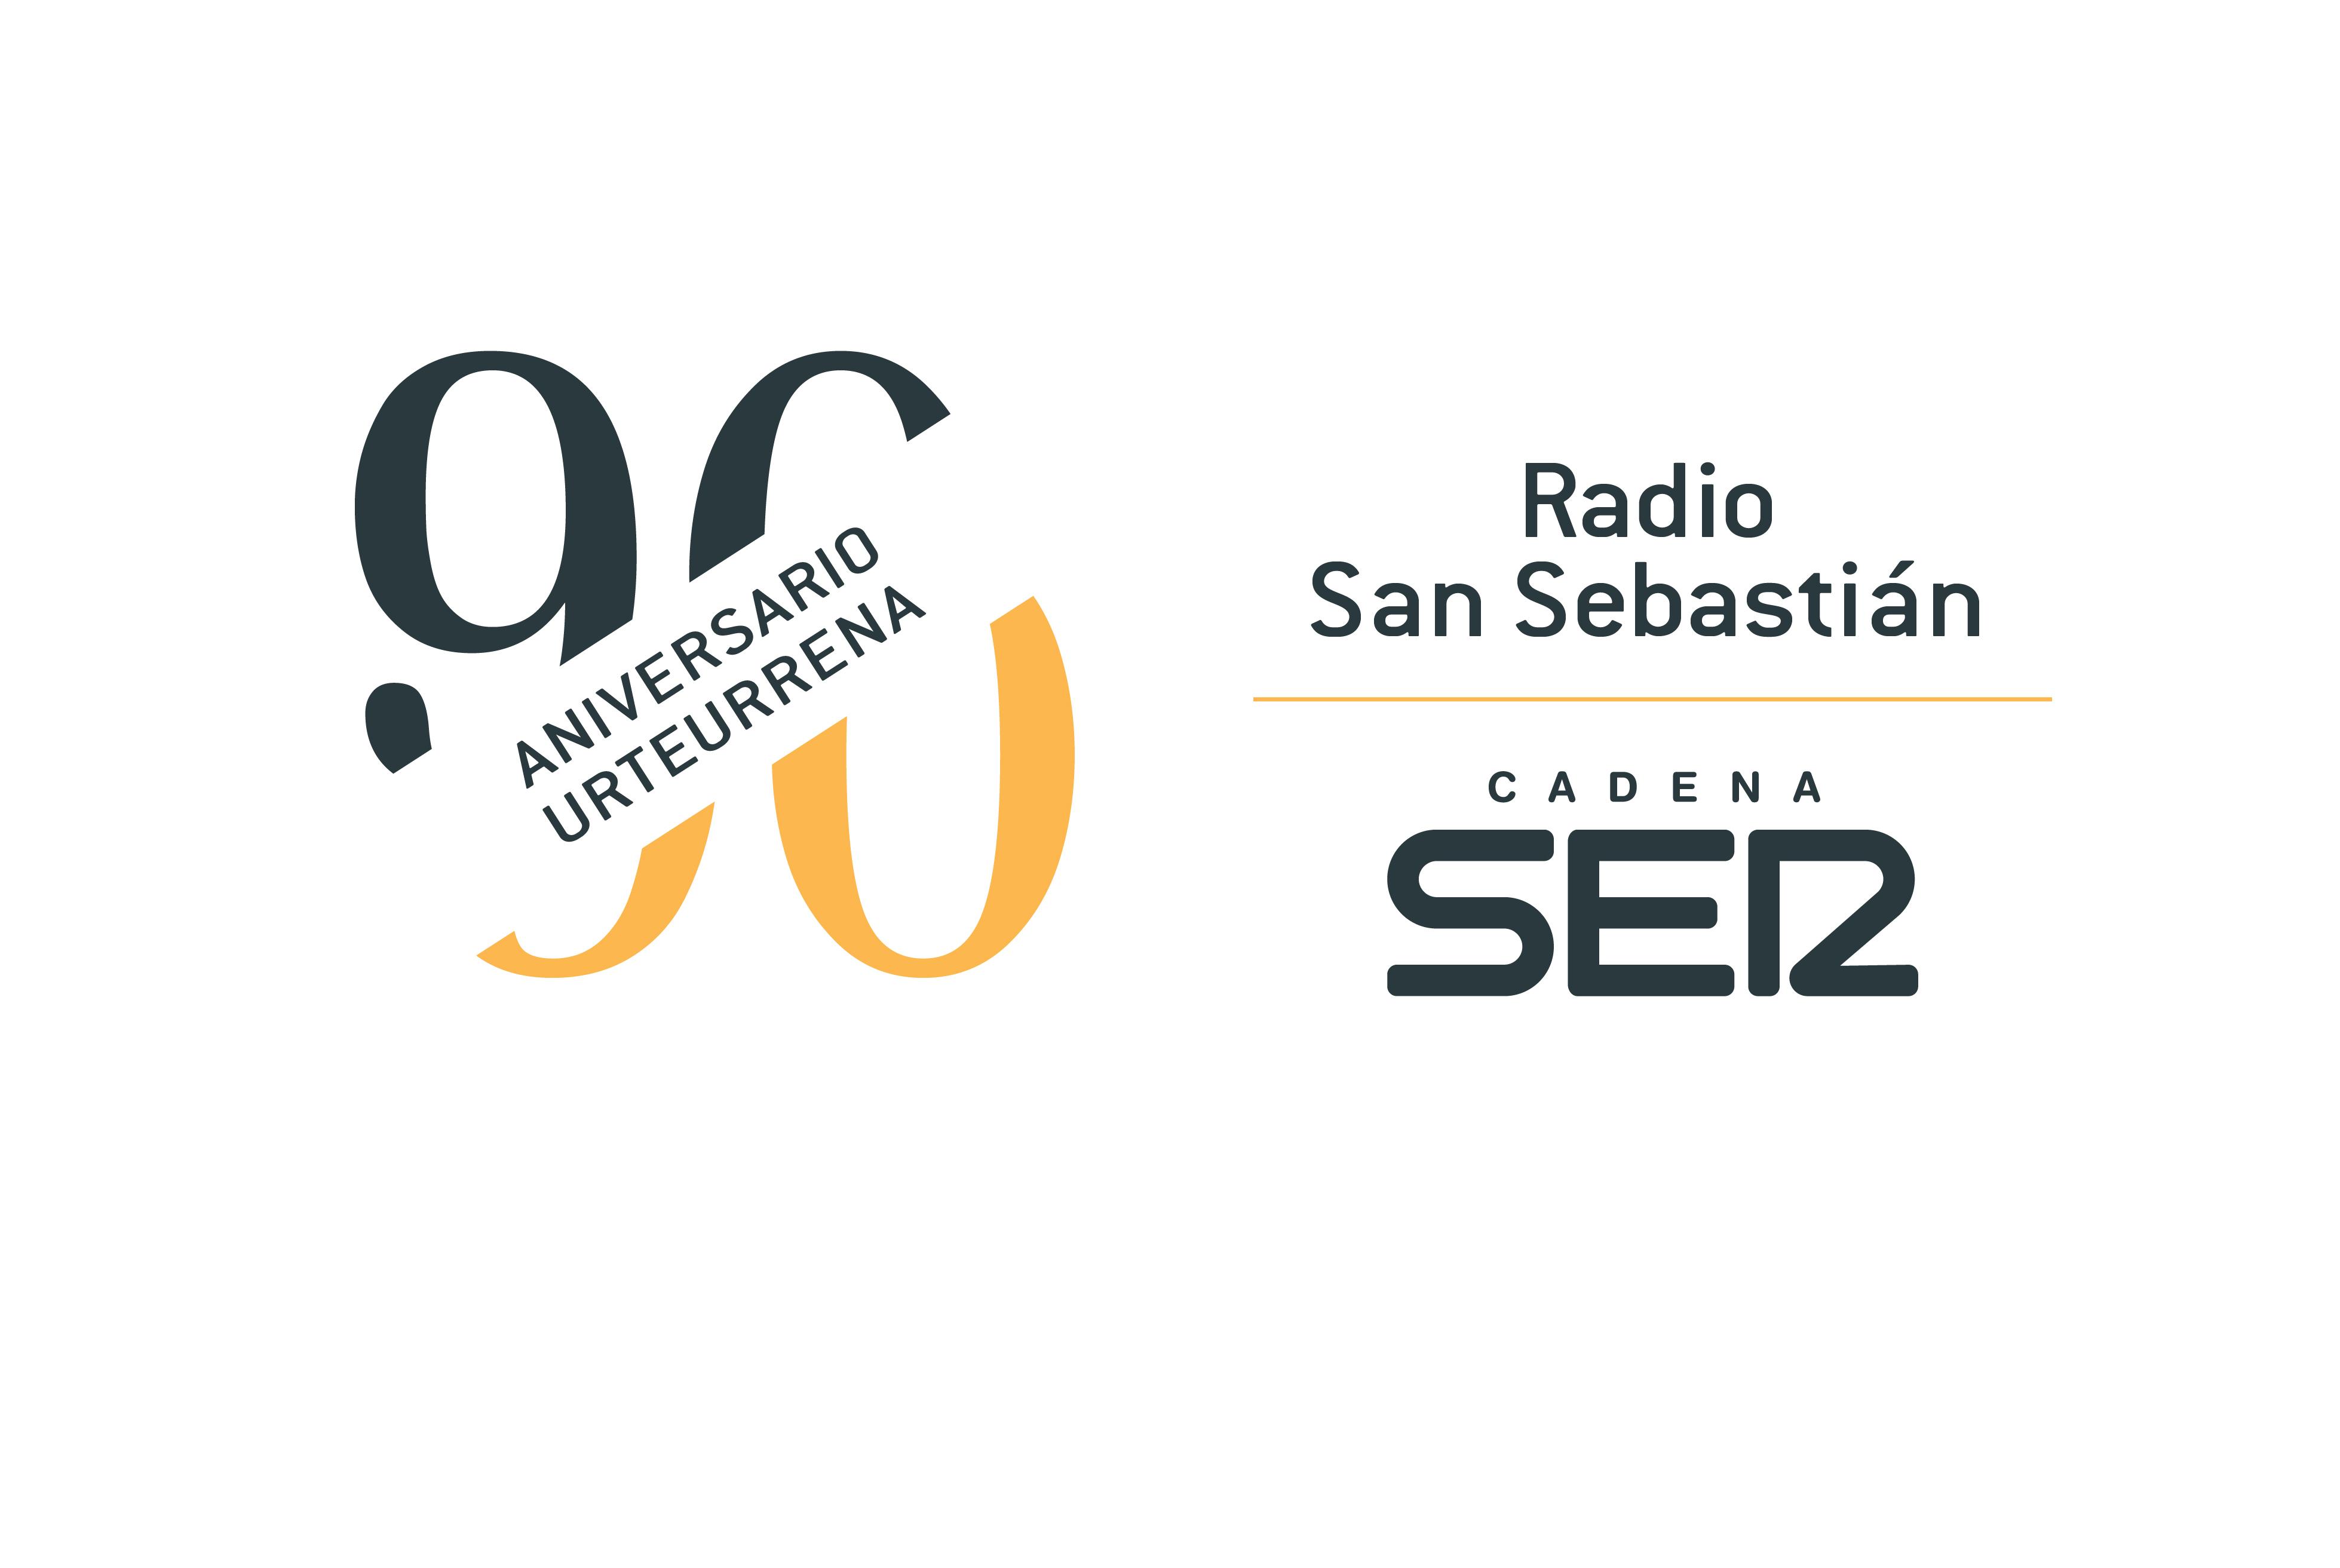 Radio San Sebastián-en 90. urteurrena